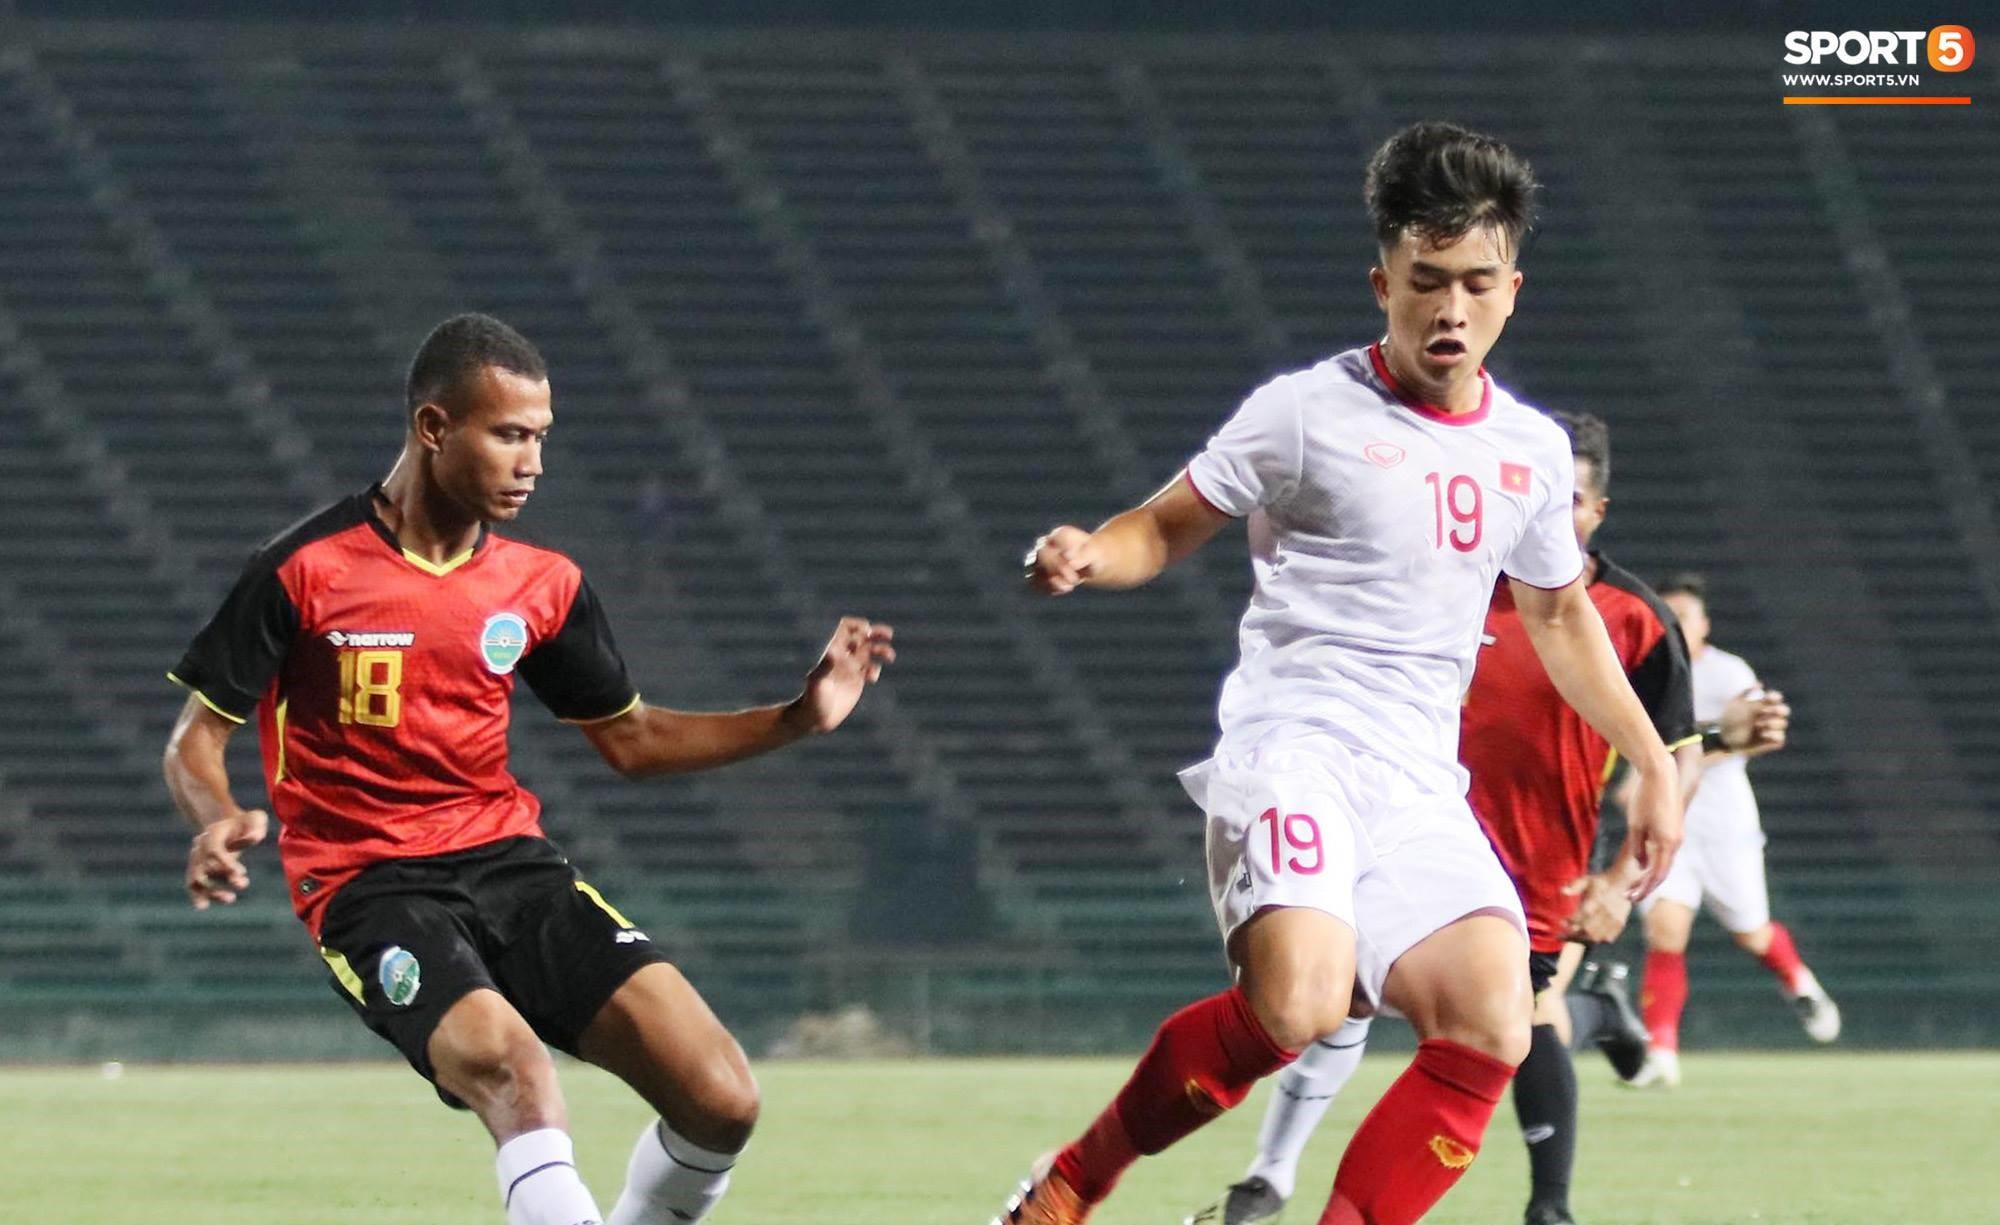 Trực tiếp U22 Việt Nam 0-0 U22 Campuchia [Tranh hạng 3 Đông Nam Á]: U22 Việt Nam may mắn thoát thua - Ảnh 1.